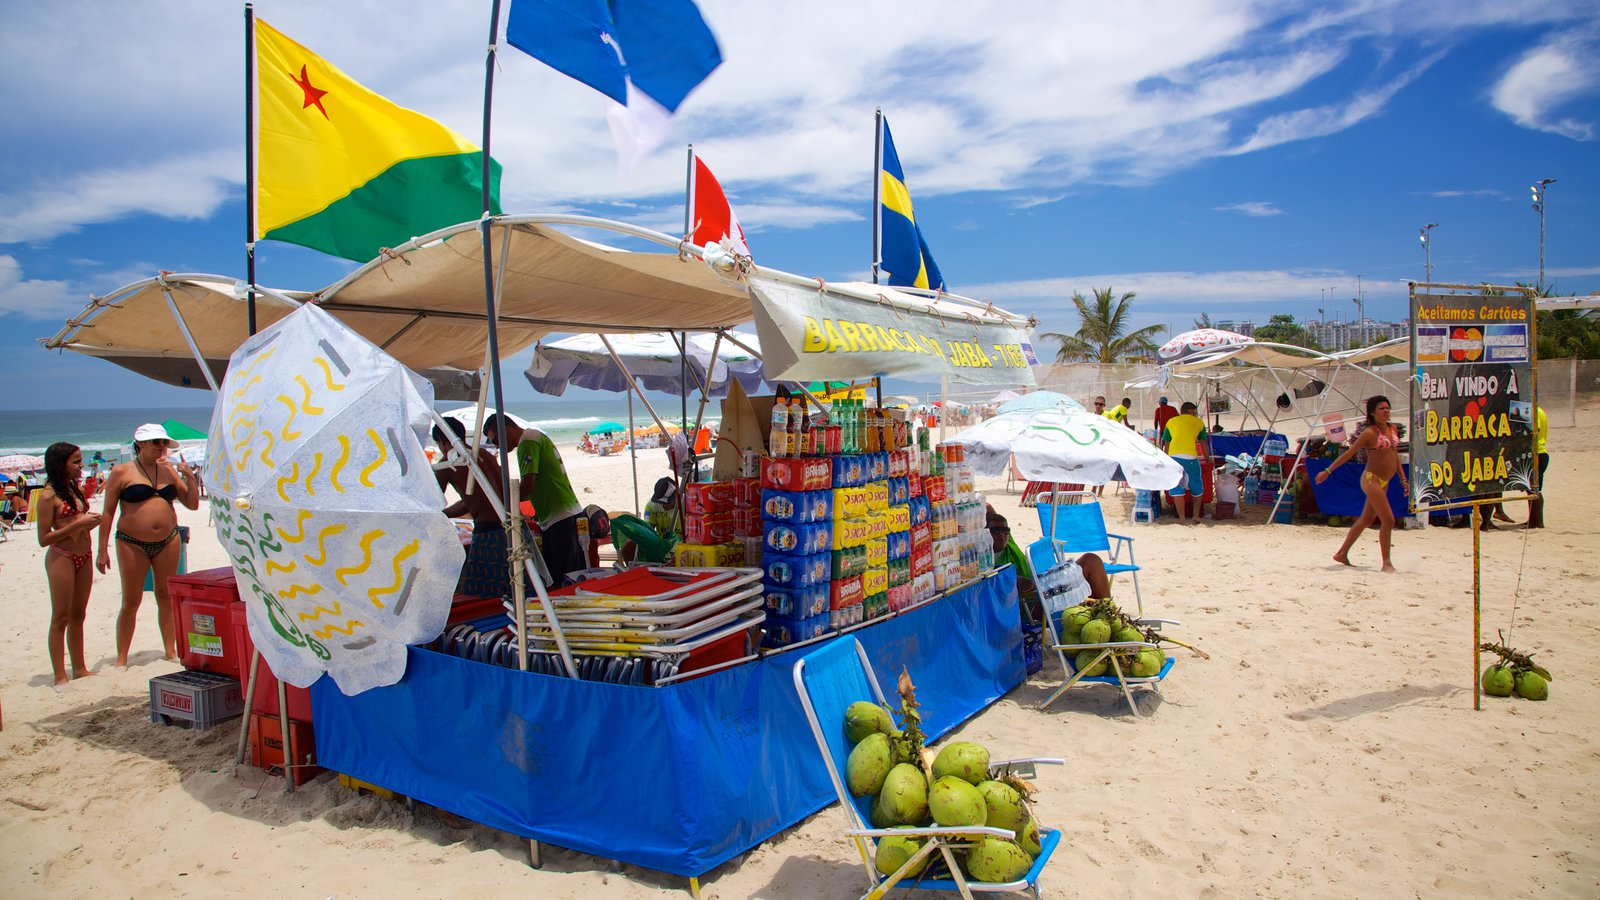 Barra-Da-Tijuca., Things to do in Rio De Janeiro